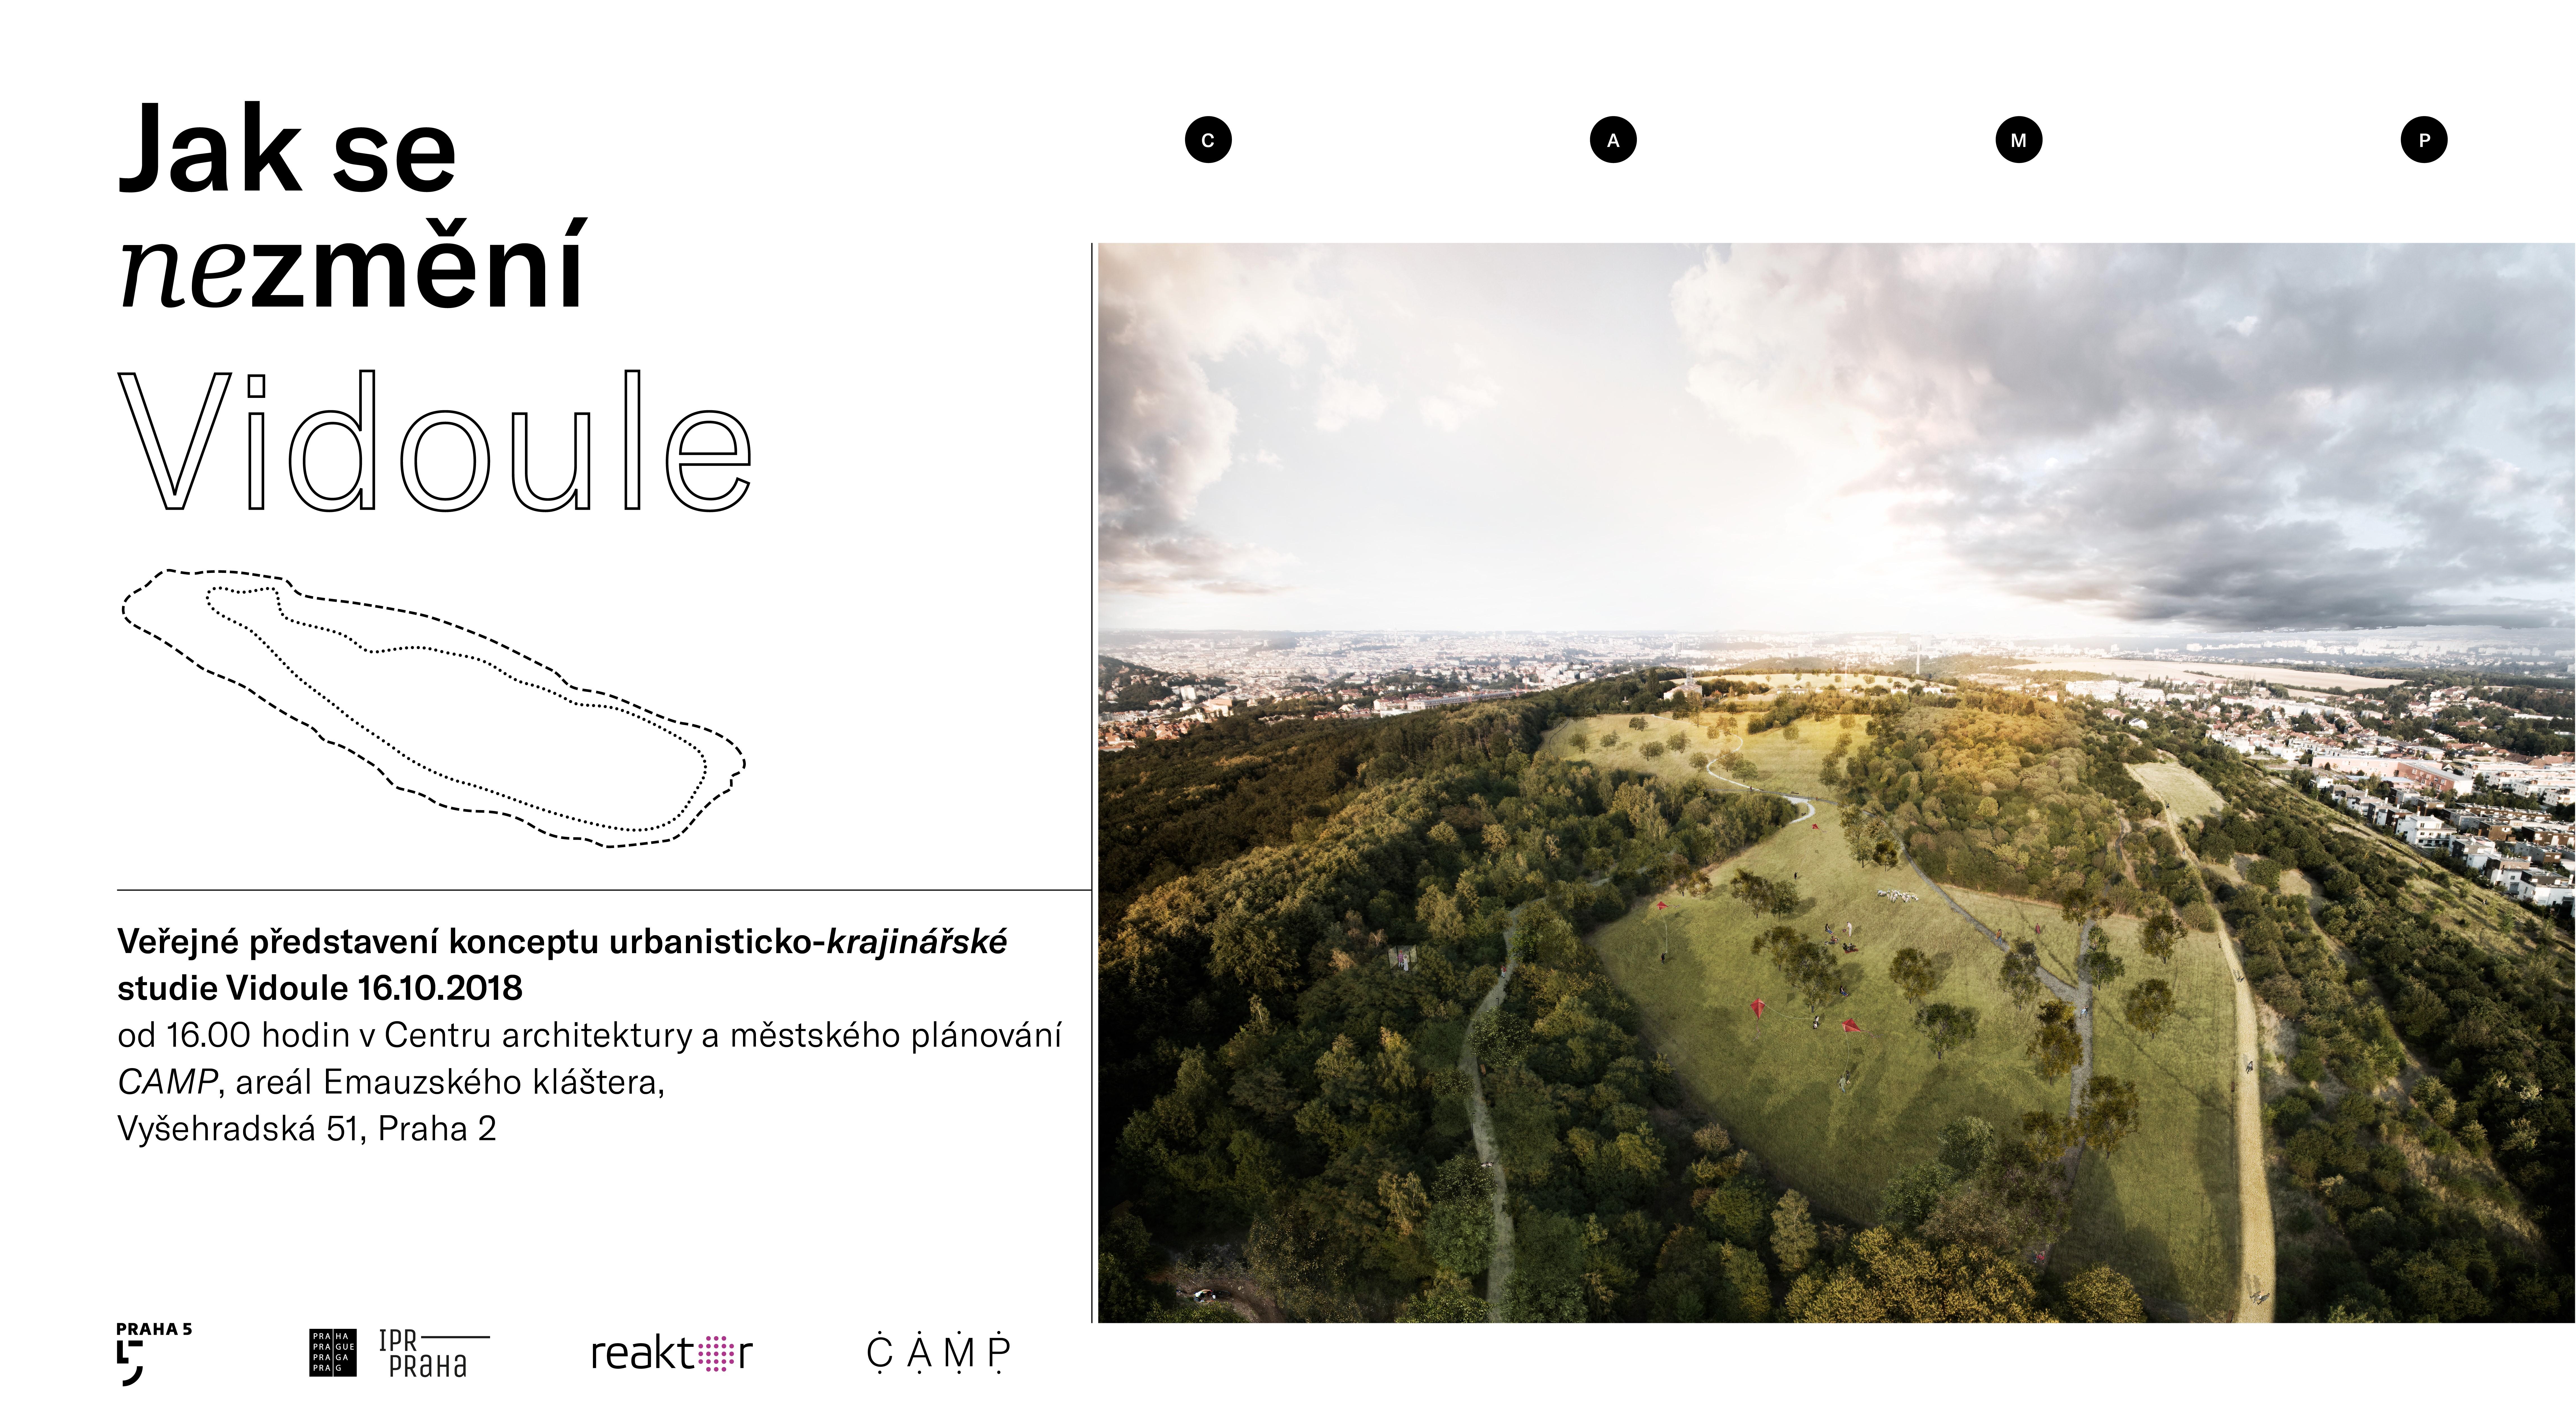 verejne-predstaveni-konceptu-urbanisticko-krajinarske-studie-vidoule